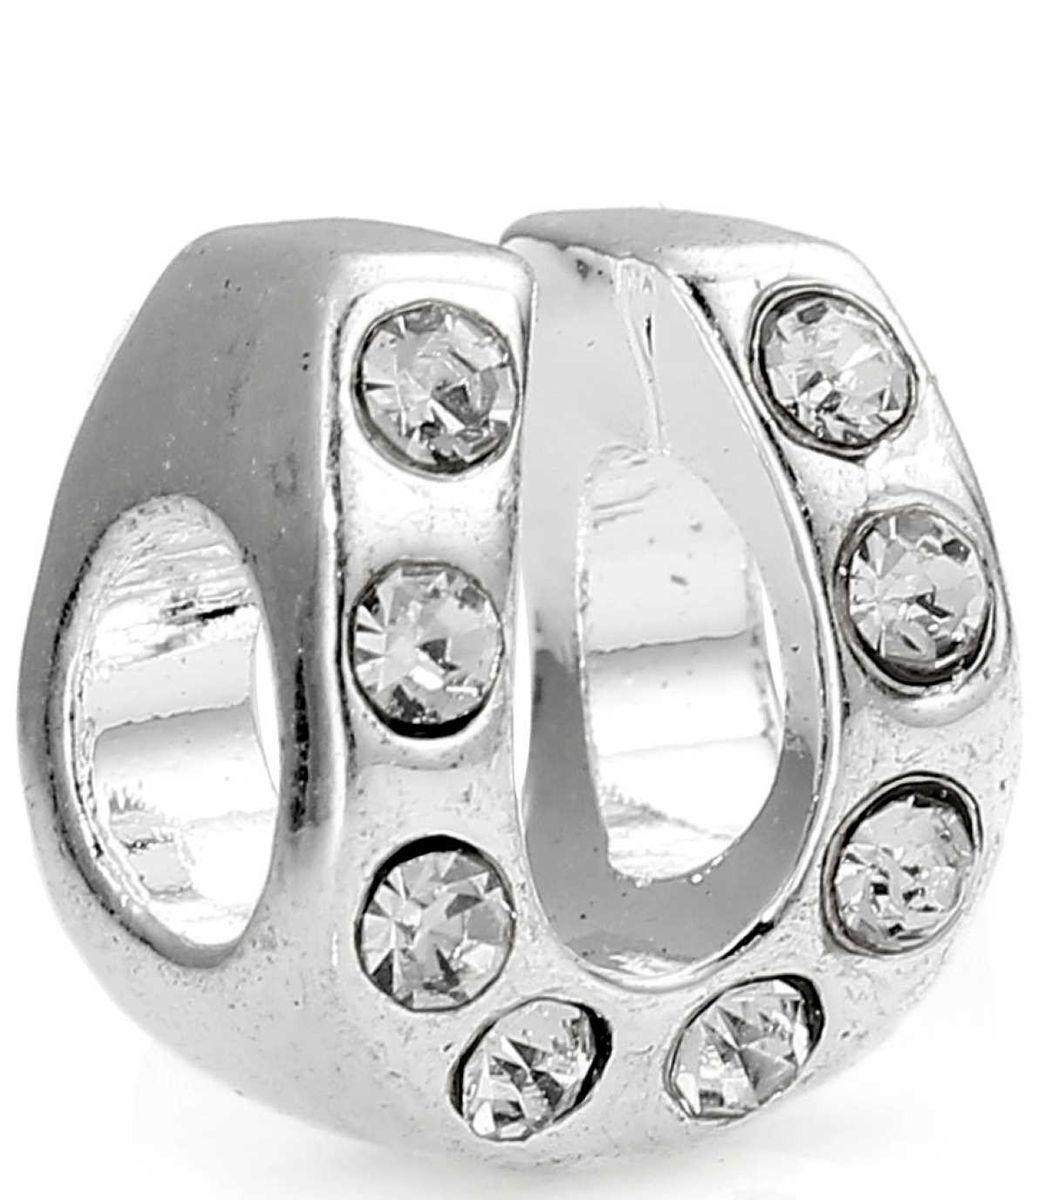 Hufeisen Perlen Metall - 5 Stück 11mm